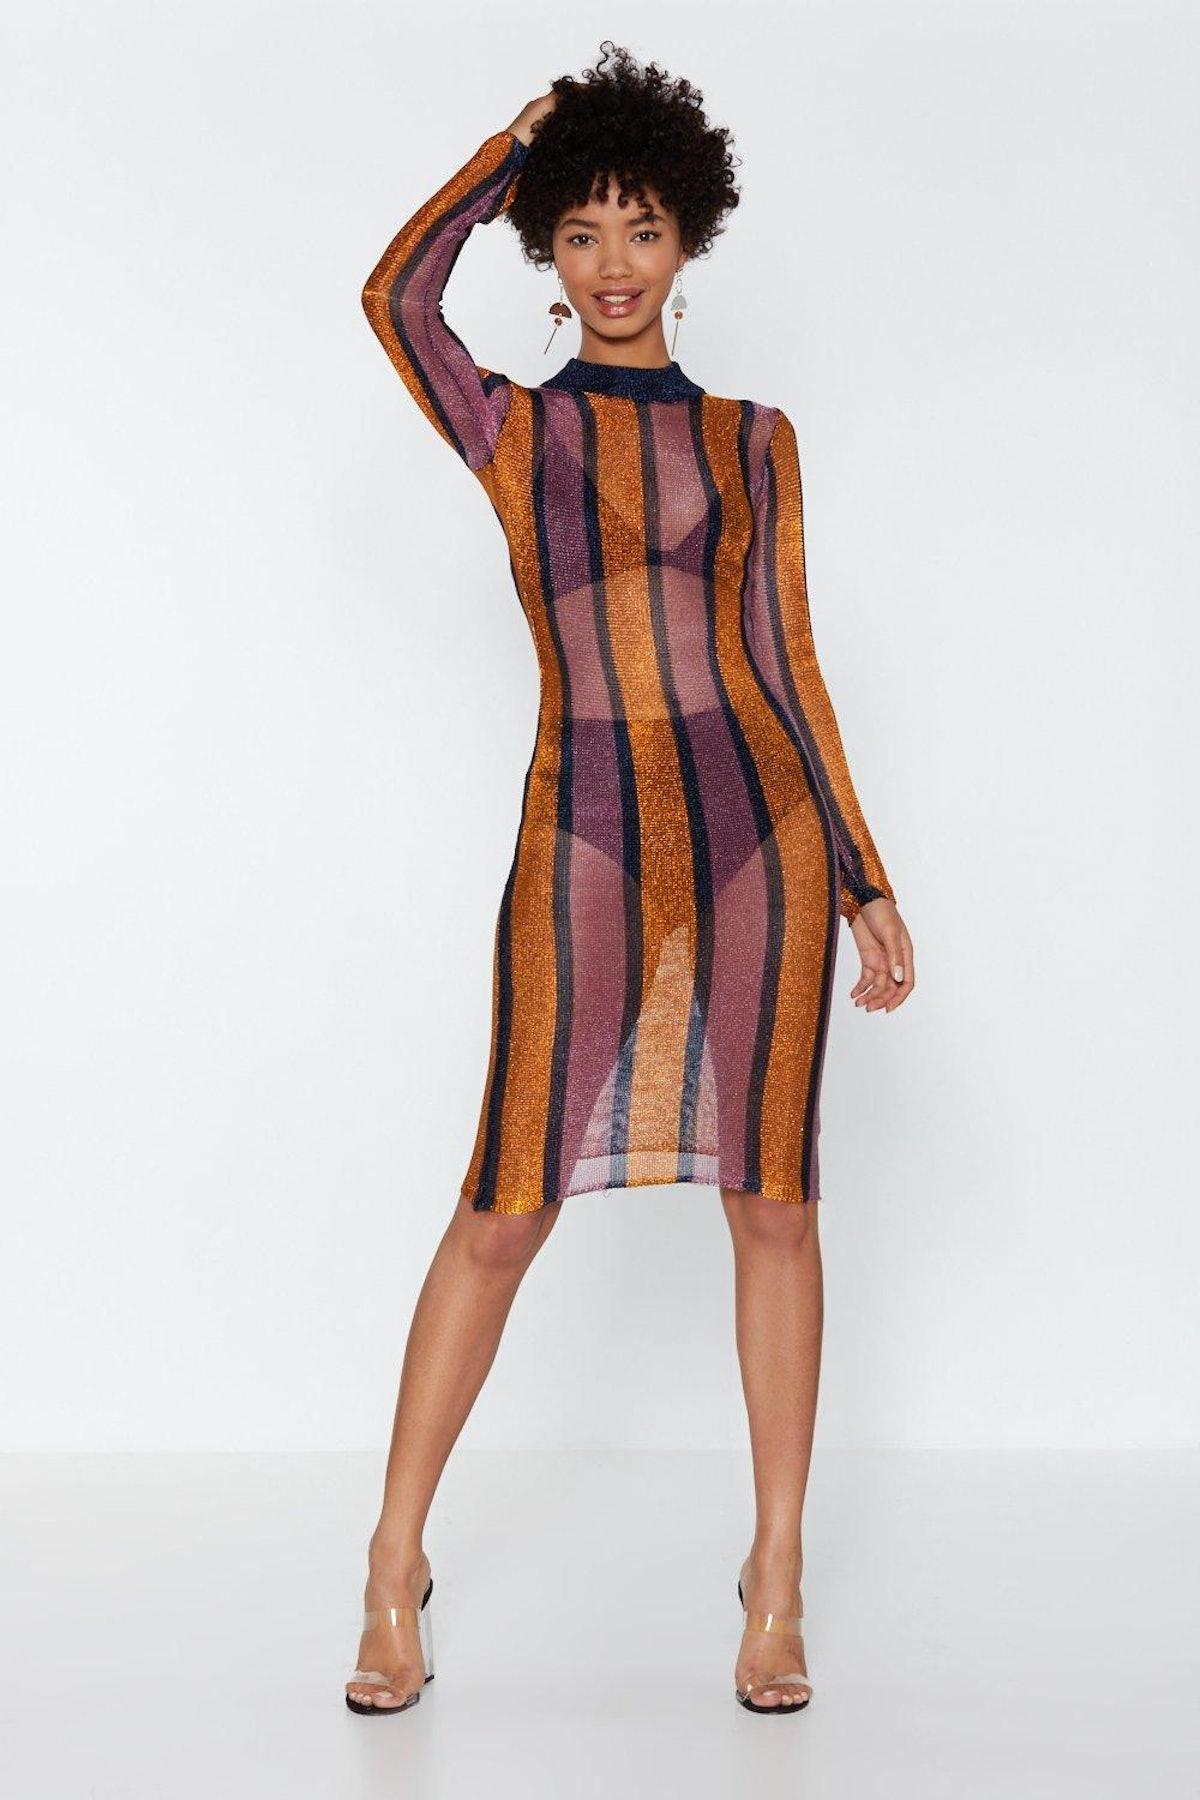 Bring Me the Disco Glitter Striped Dress